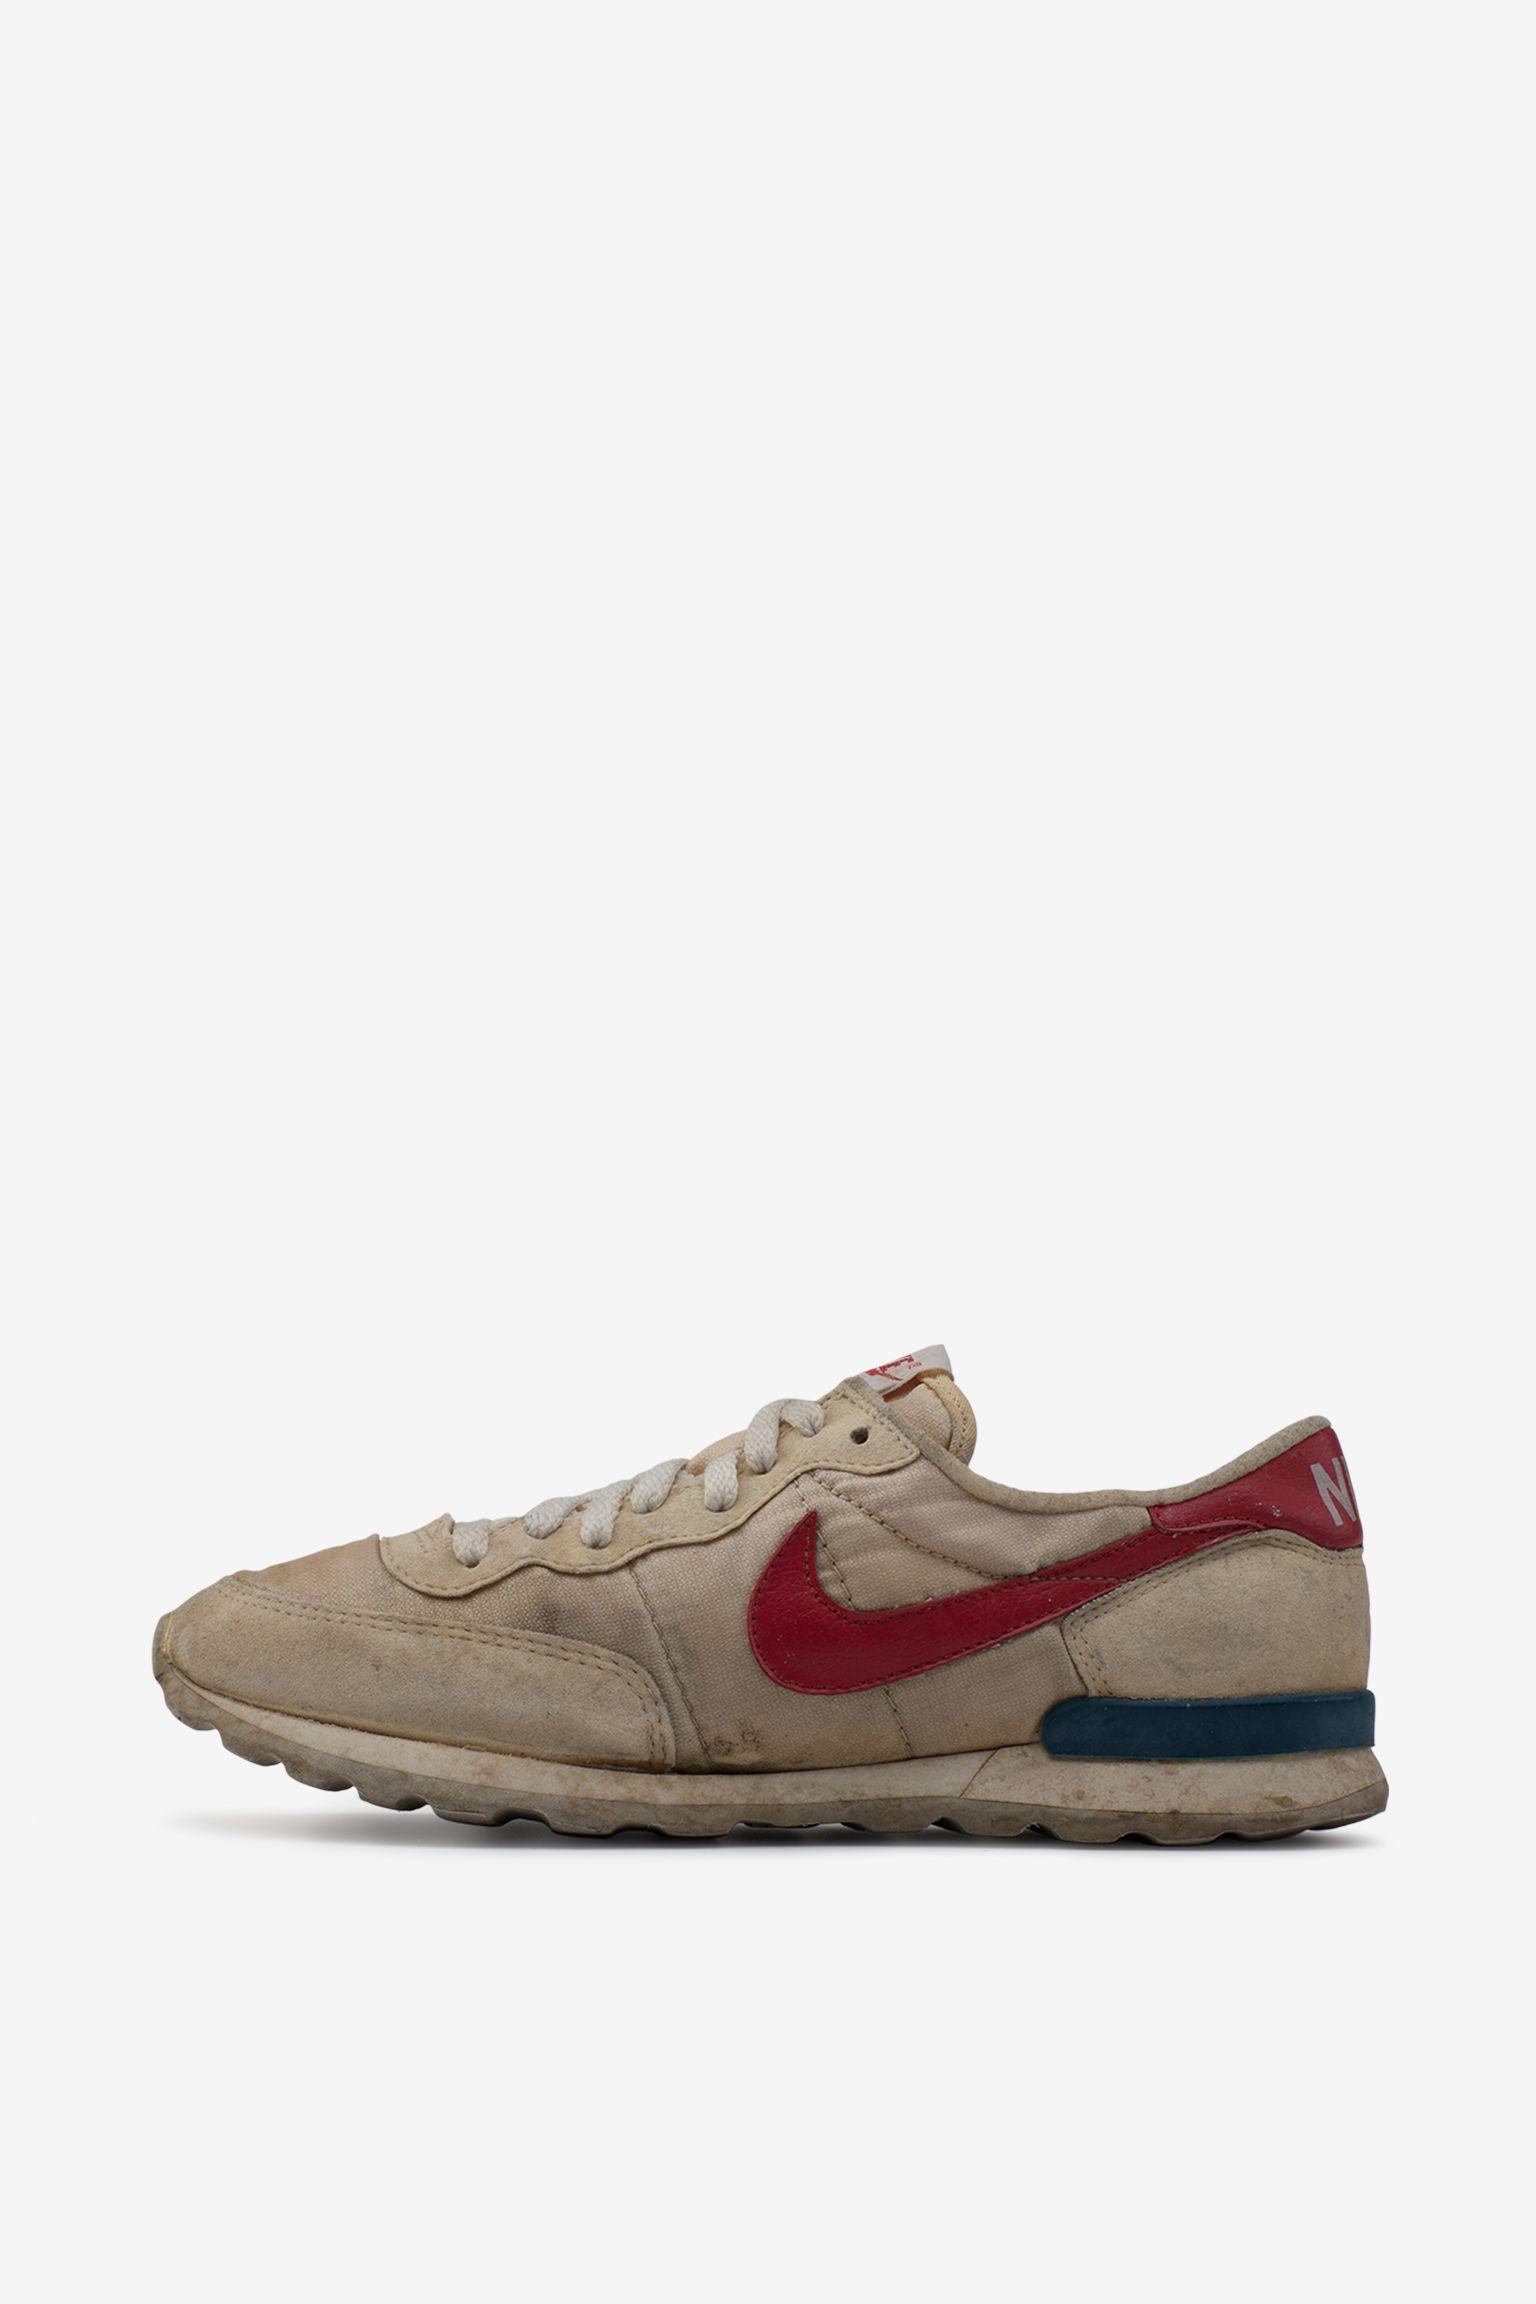 Vandaag in Sneakers: Nike Daybreak